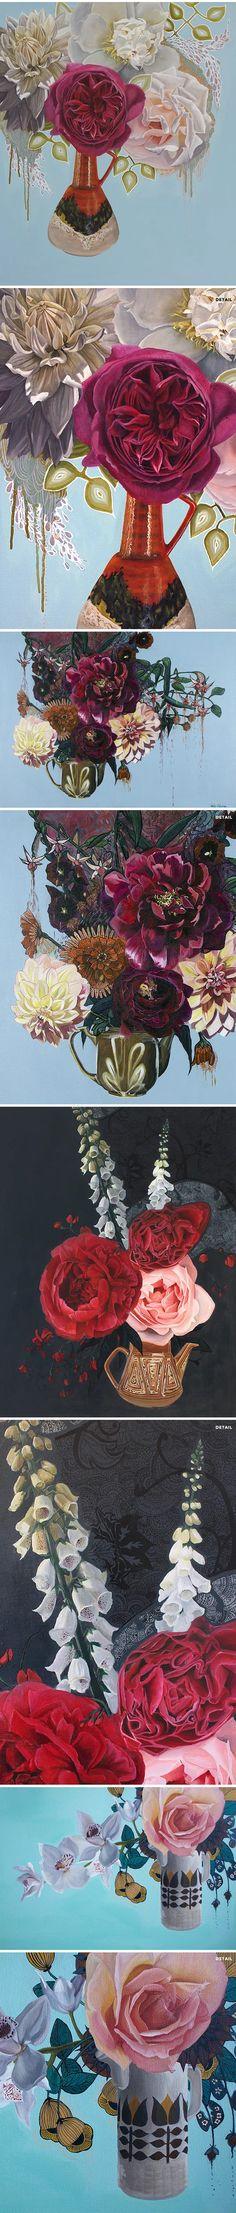 paintings by wendy matenga